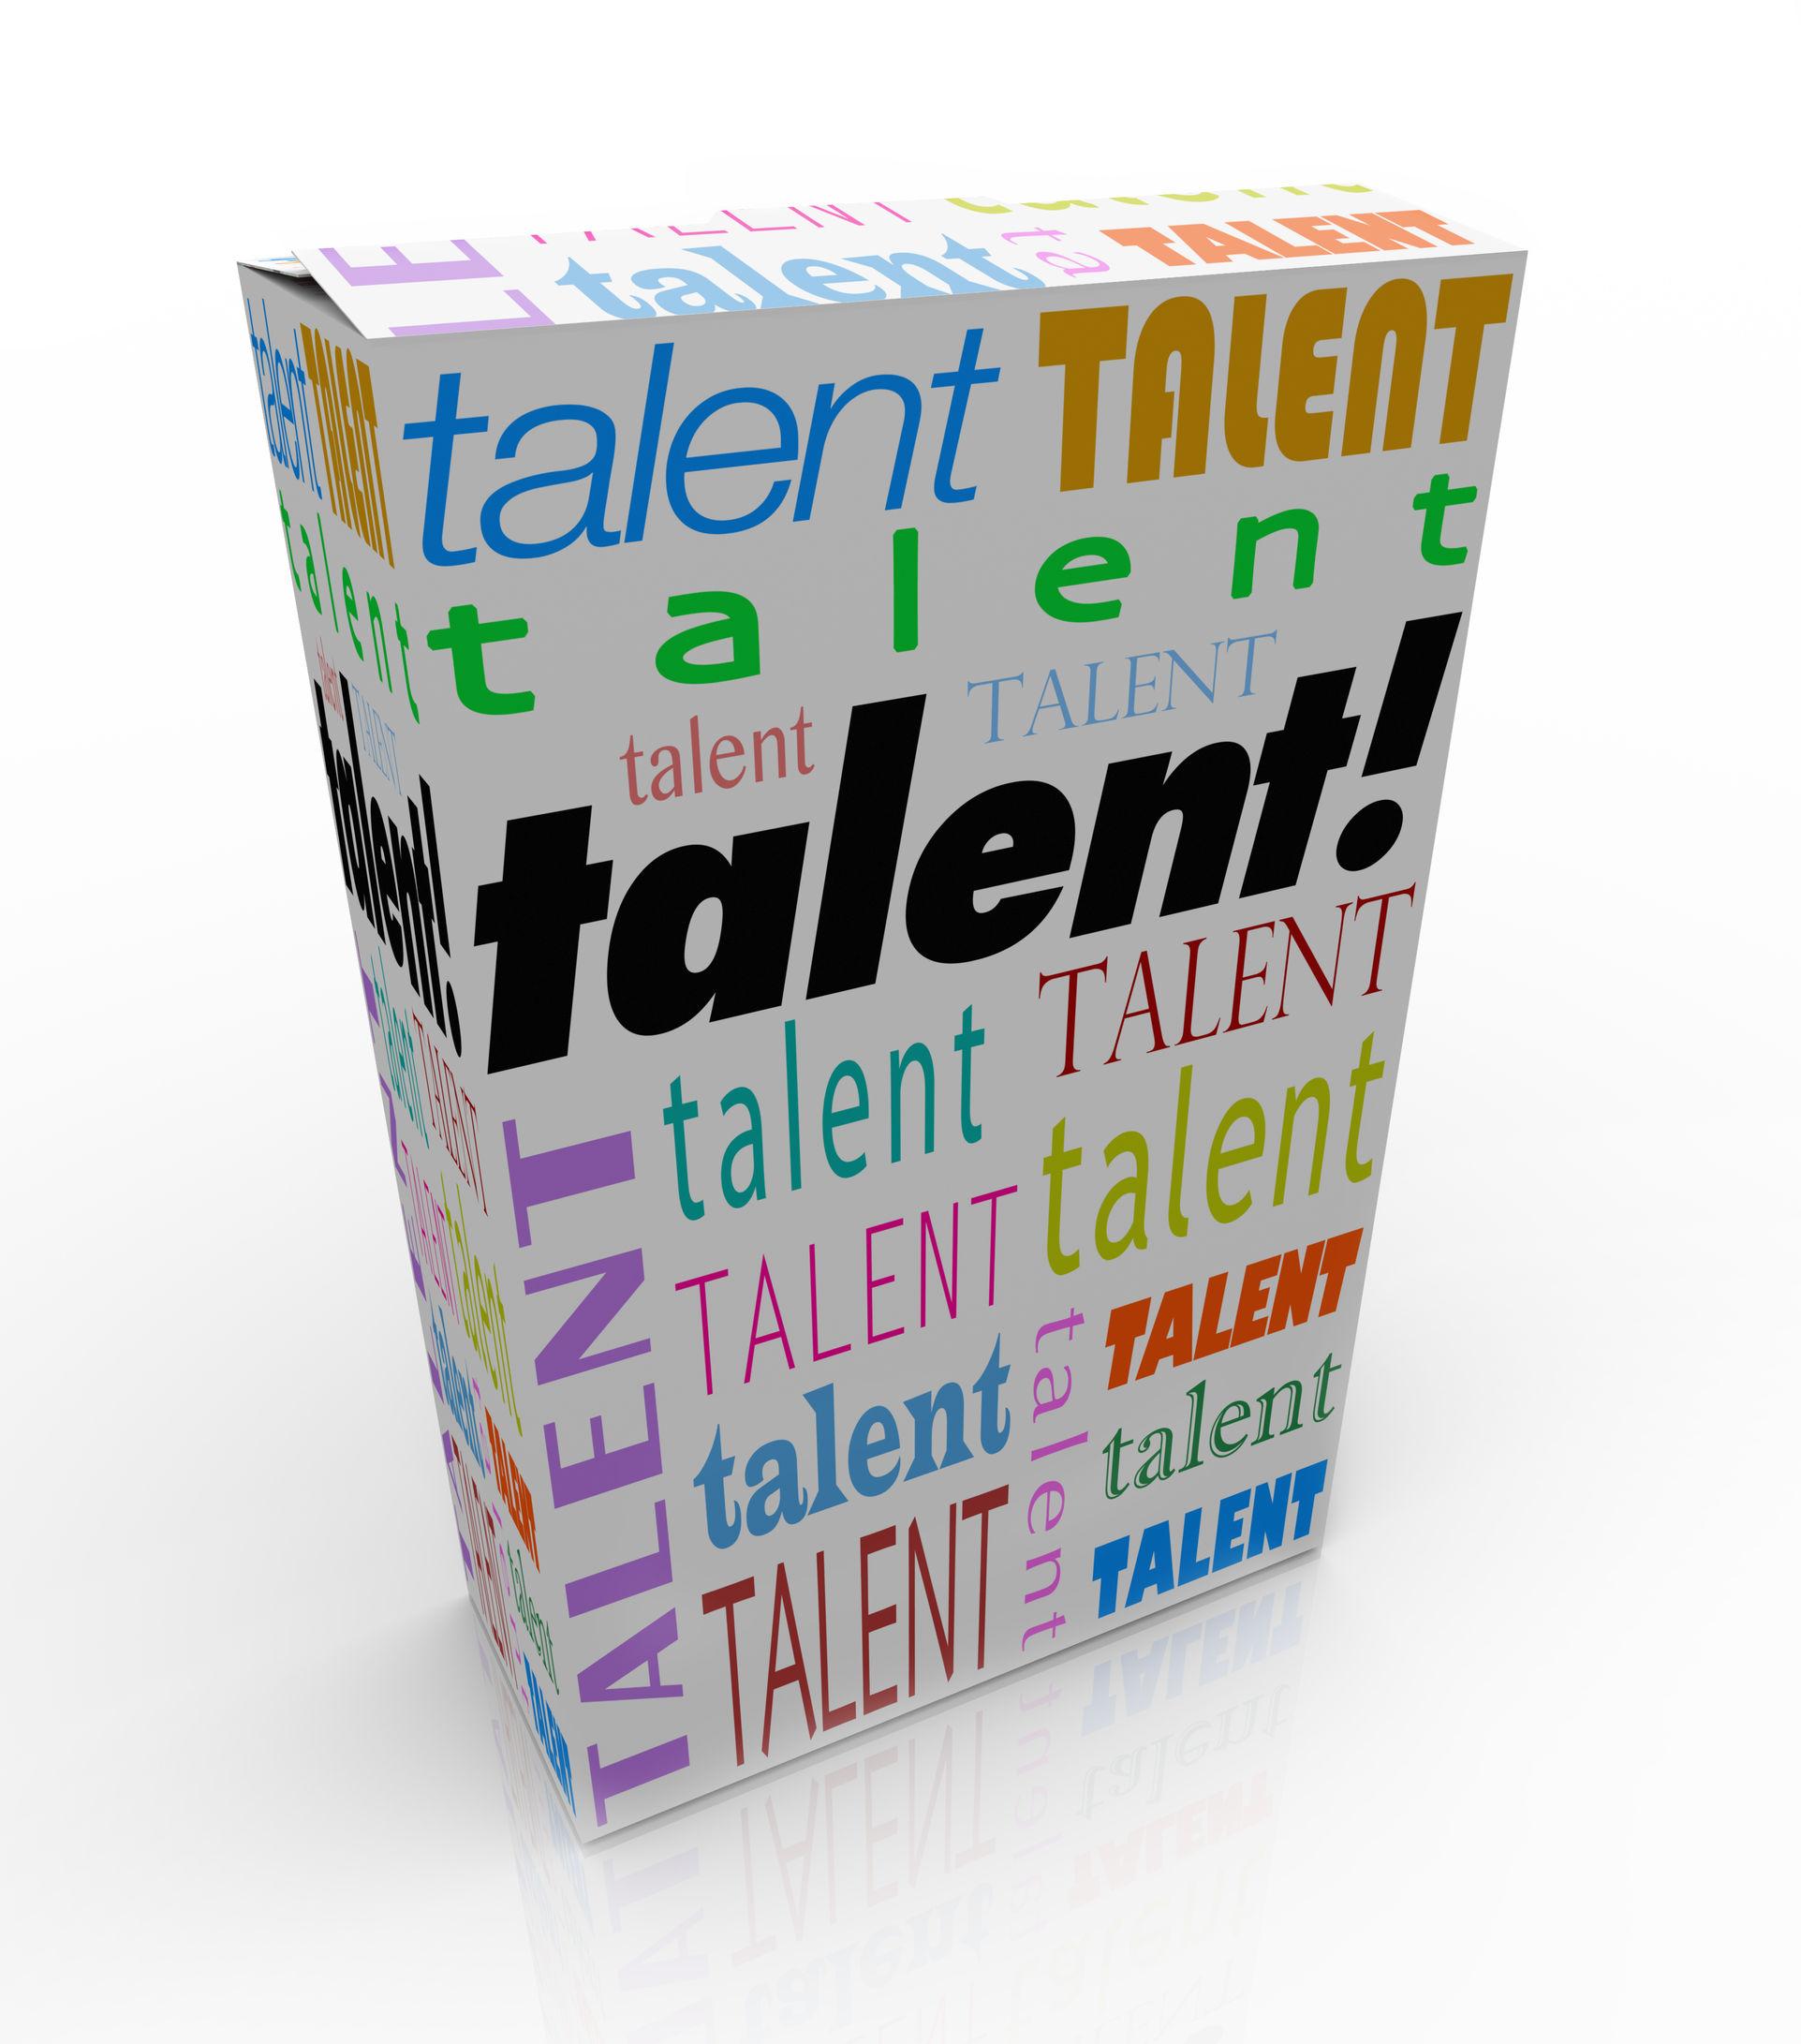 talent-word-wall